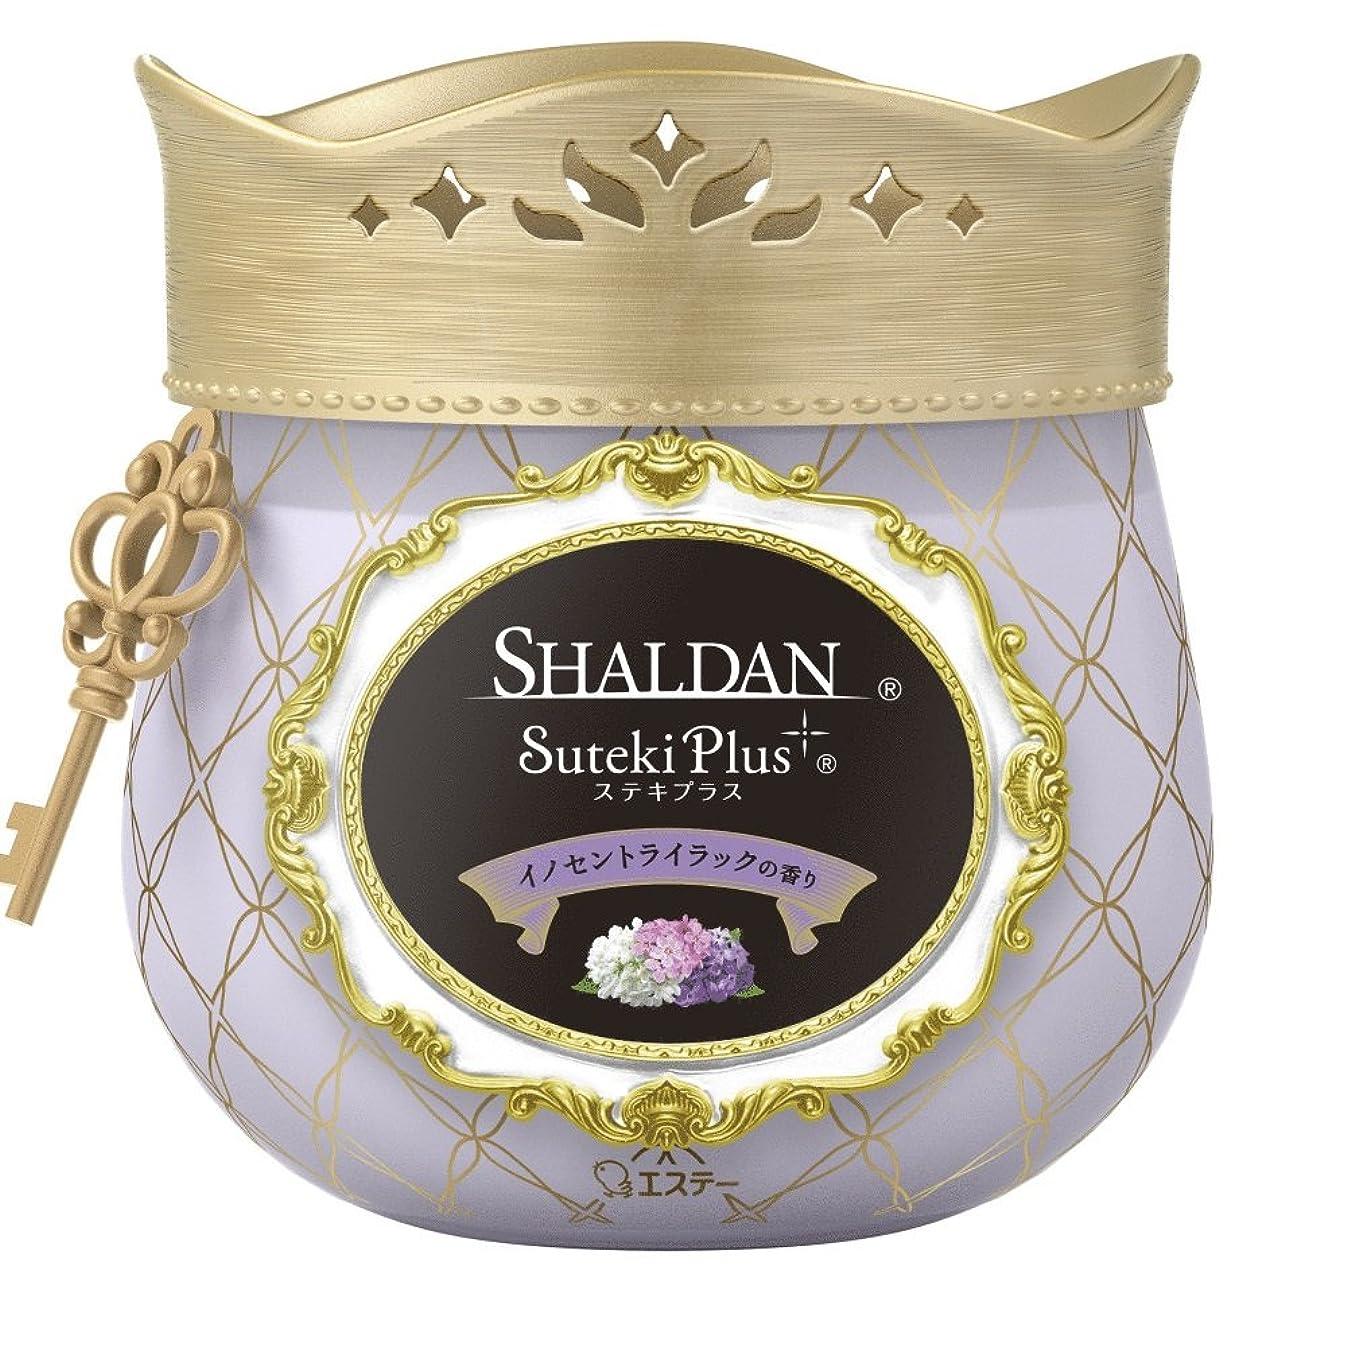 健全シェル通信するシャルダン SHALDAN ステキプラス 消臭芳香剤 部屋用 部屋 イノセントライラックの香り 260g